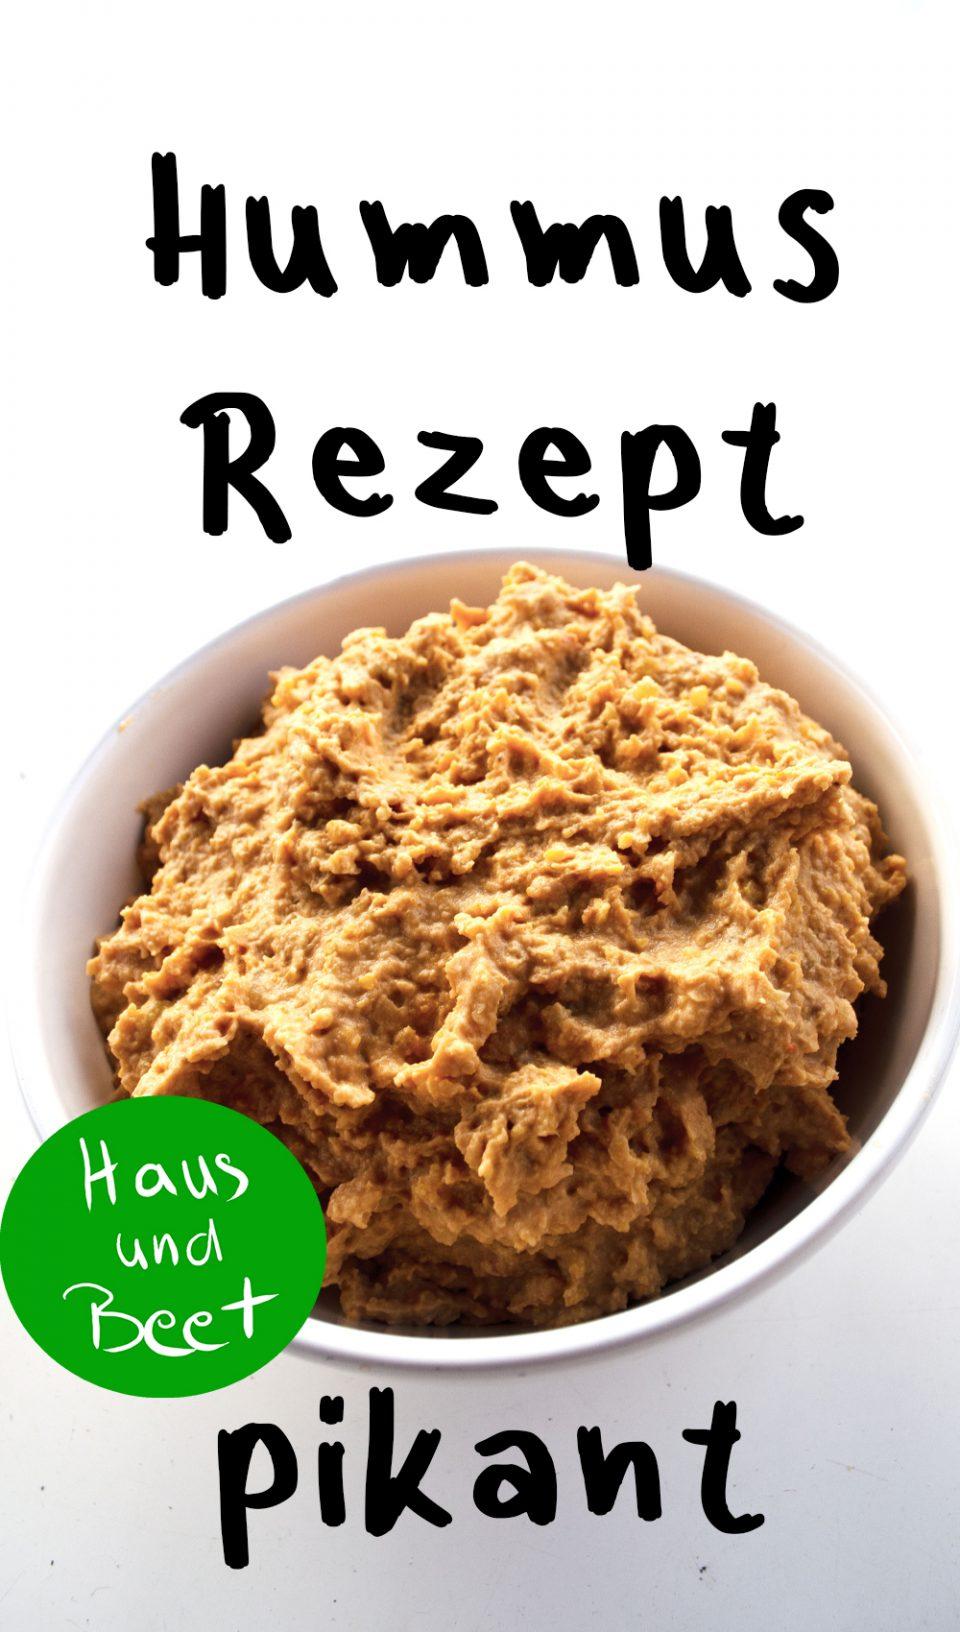 Hummus Rezept pikant